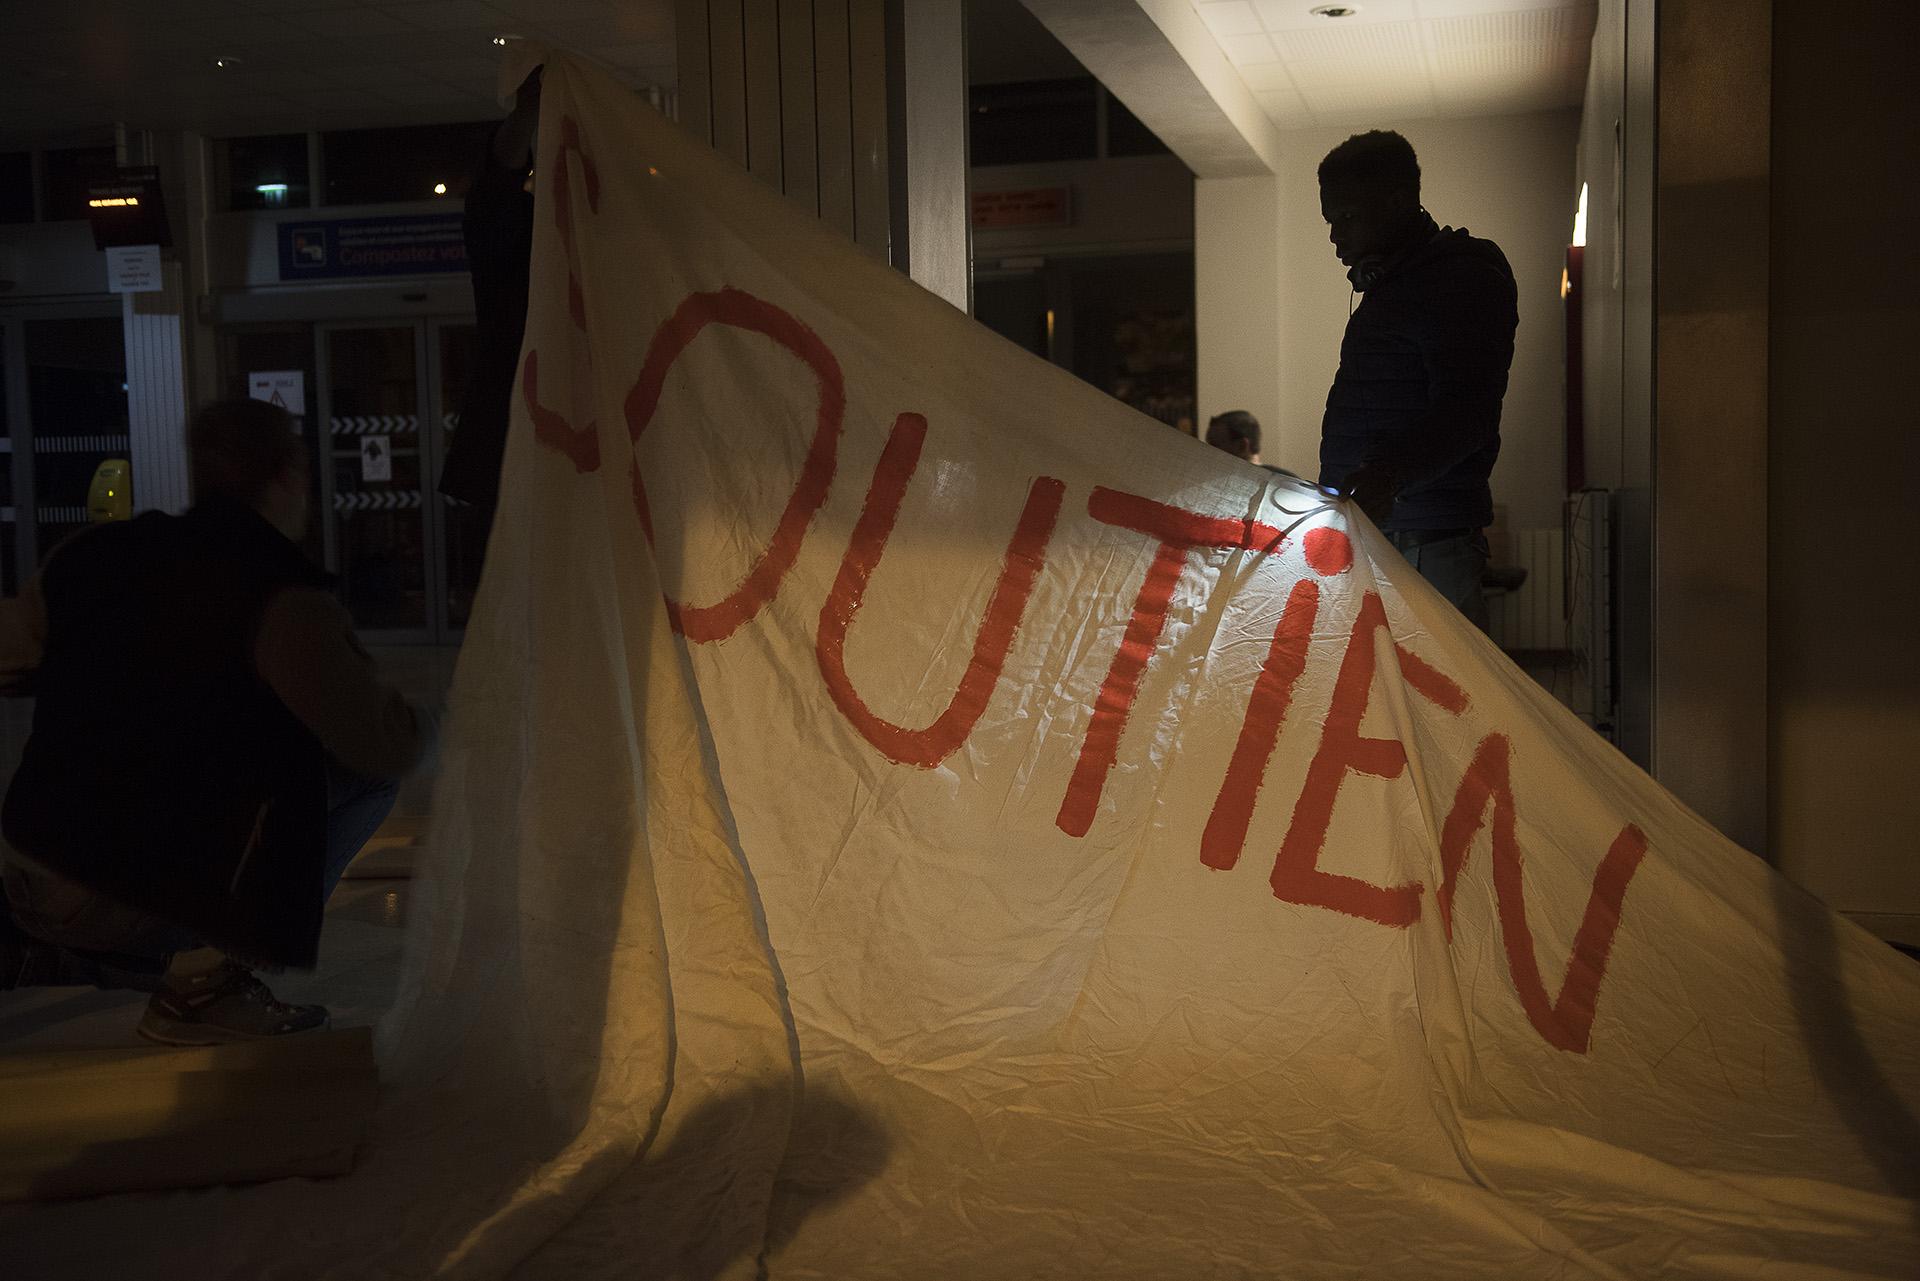 Dans la soirée, l'occupation s'organise.  Des matelas et couvertures sont amenés, une table est dressée,  des repas sont servis.  Et sur de grands draps blancs, des revendications commencent à prendre forme. Au petit matin, sur la façade de la gare, les Briançonnais découvriront les mots «Soutien aux exilés – Gare occupée»; «Solidarité et convergence des luttes», «Macron /Collomb – Expulsion»  «SOS – Alpes Solidaires». Ou encore sur un bout de carton:  «Chez Guillaume» (Ndla: Chez Guillaume Pepy, PDG de la SNCF), un clin d'œil aux autres lieux d'accueil occupés de la région: la maison Chez Marcel sur les hauteurs de Briançon, et le sous-sol de l'église de Clavière, baptisé Chez Jésus.